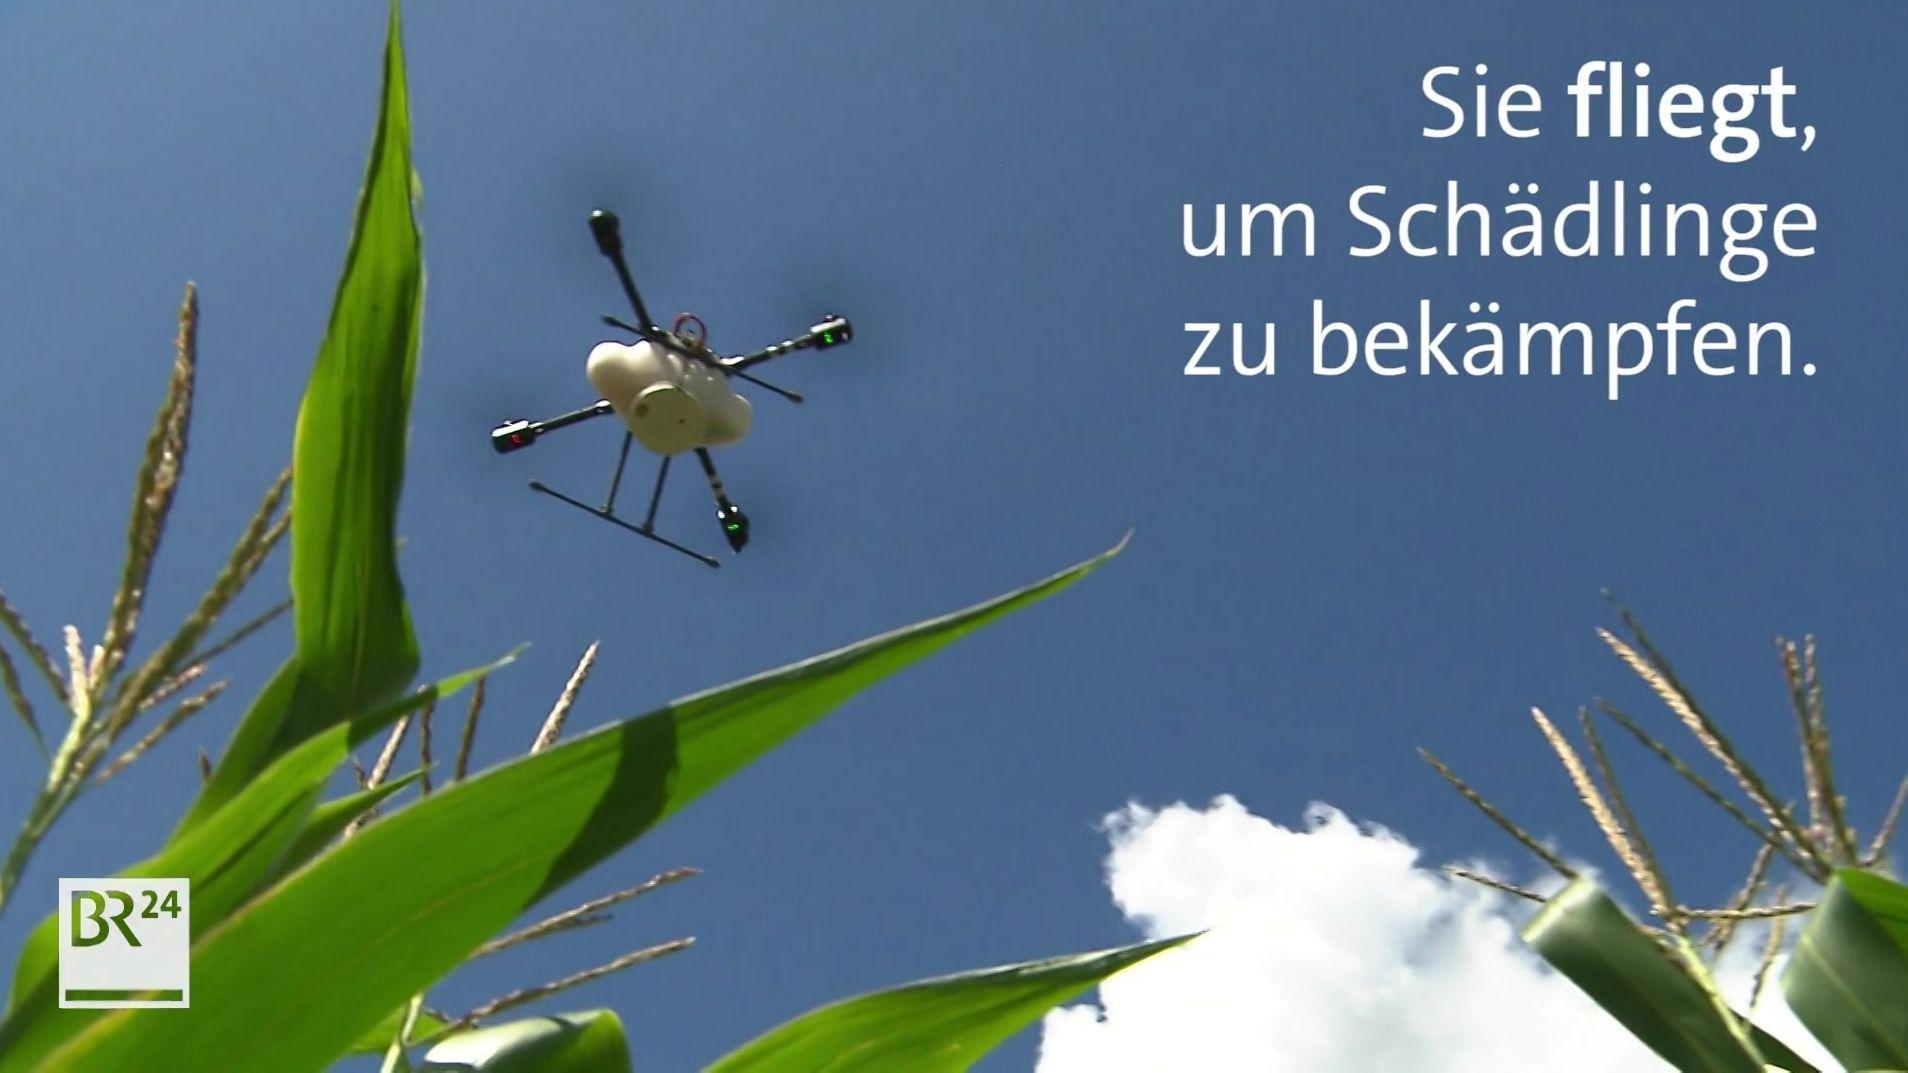 Blick von unten auf eine Drohne, die über ein Maisfeld fliegt.